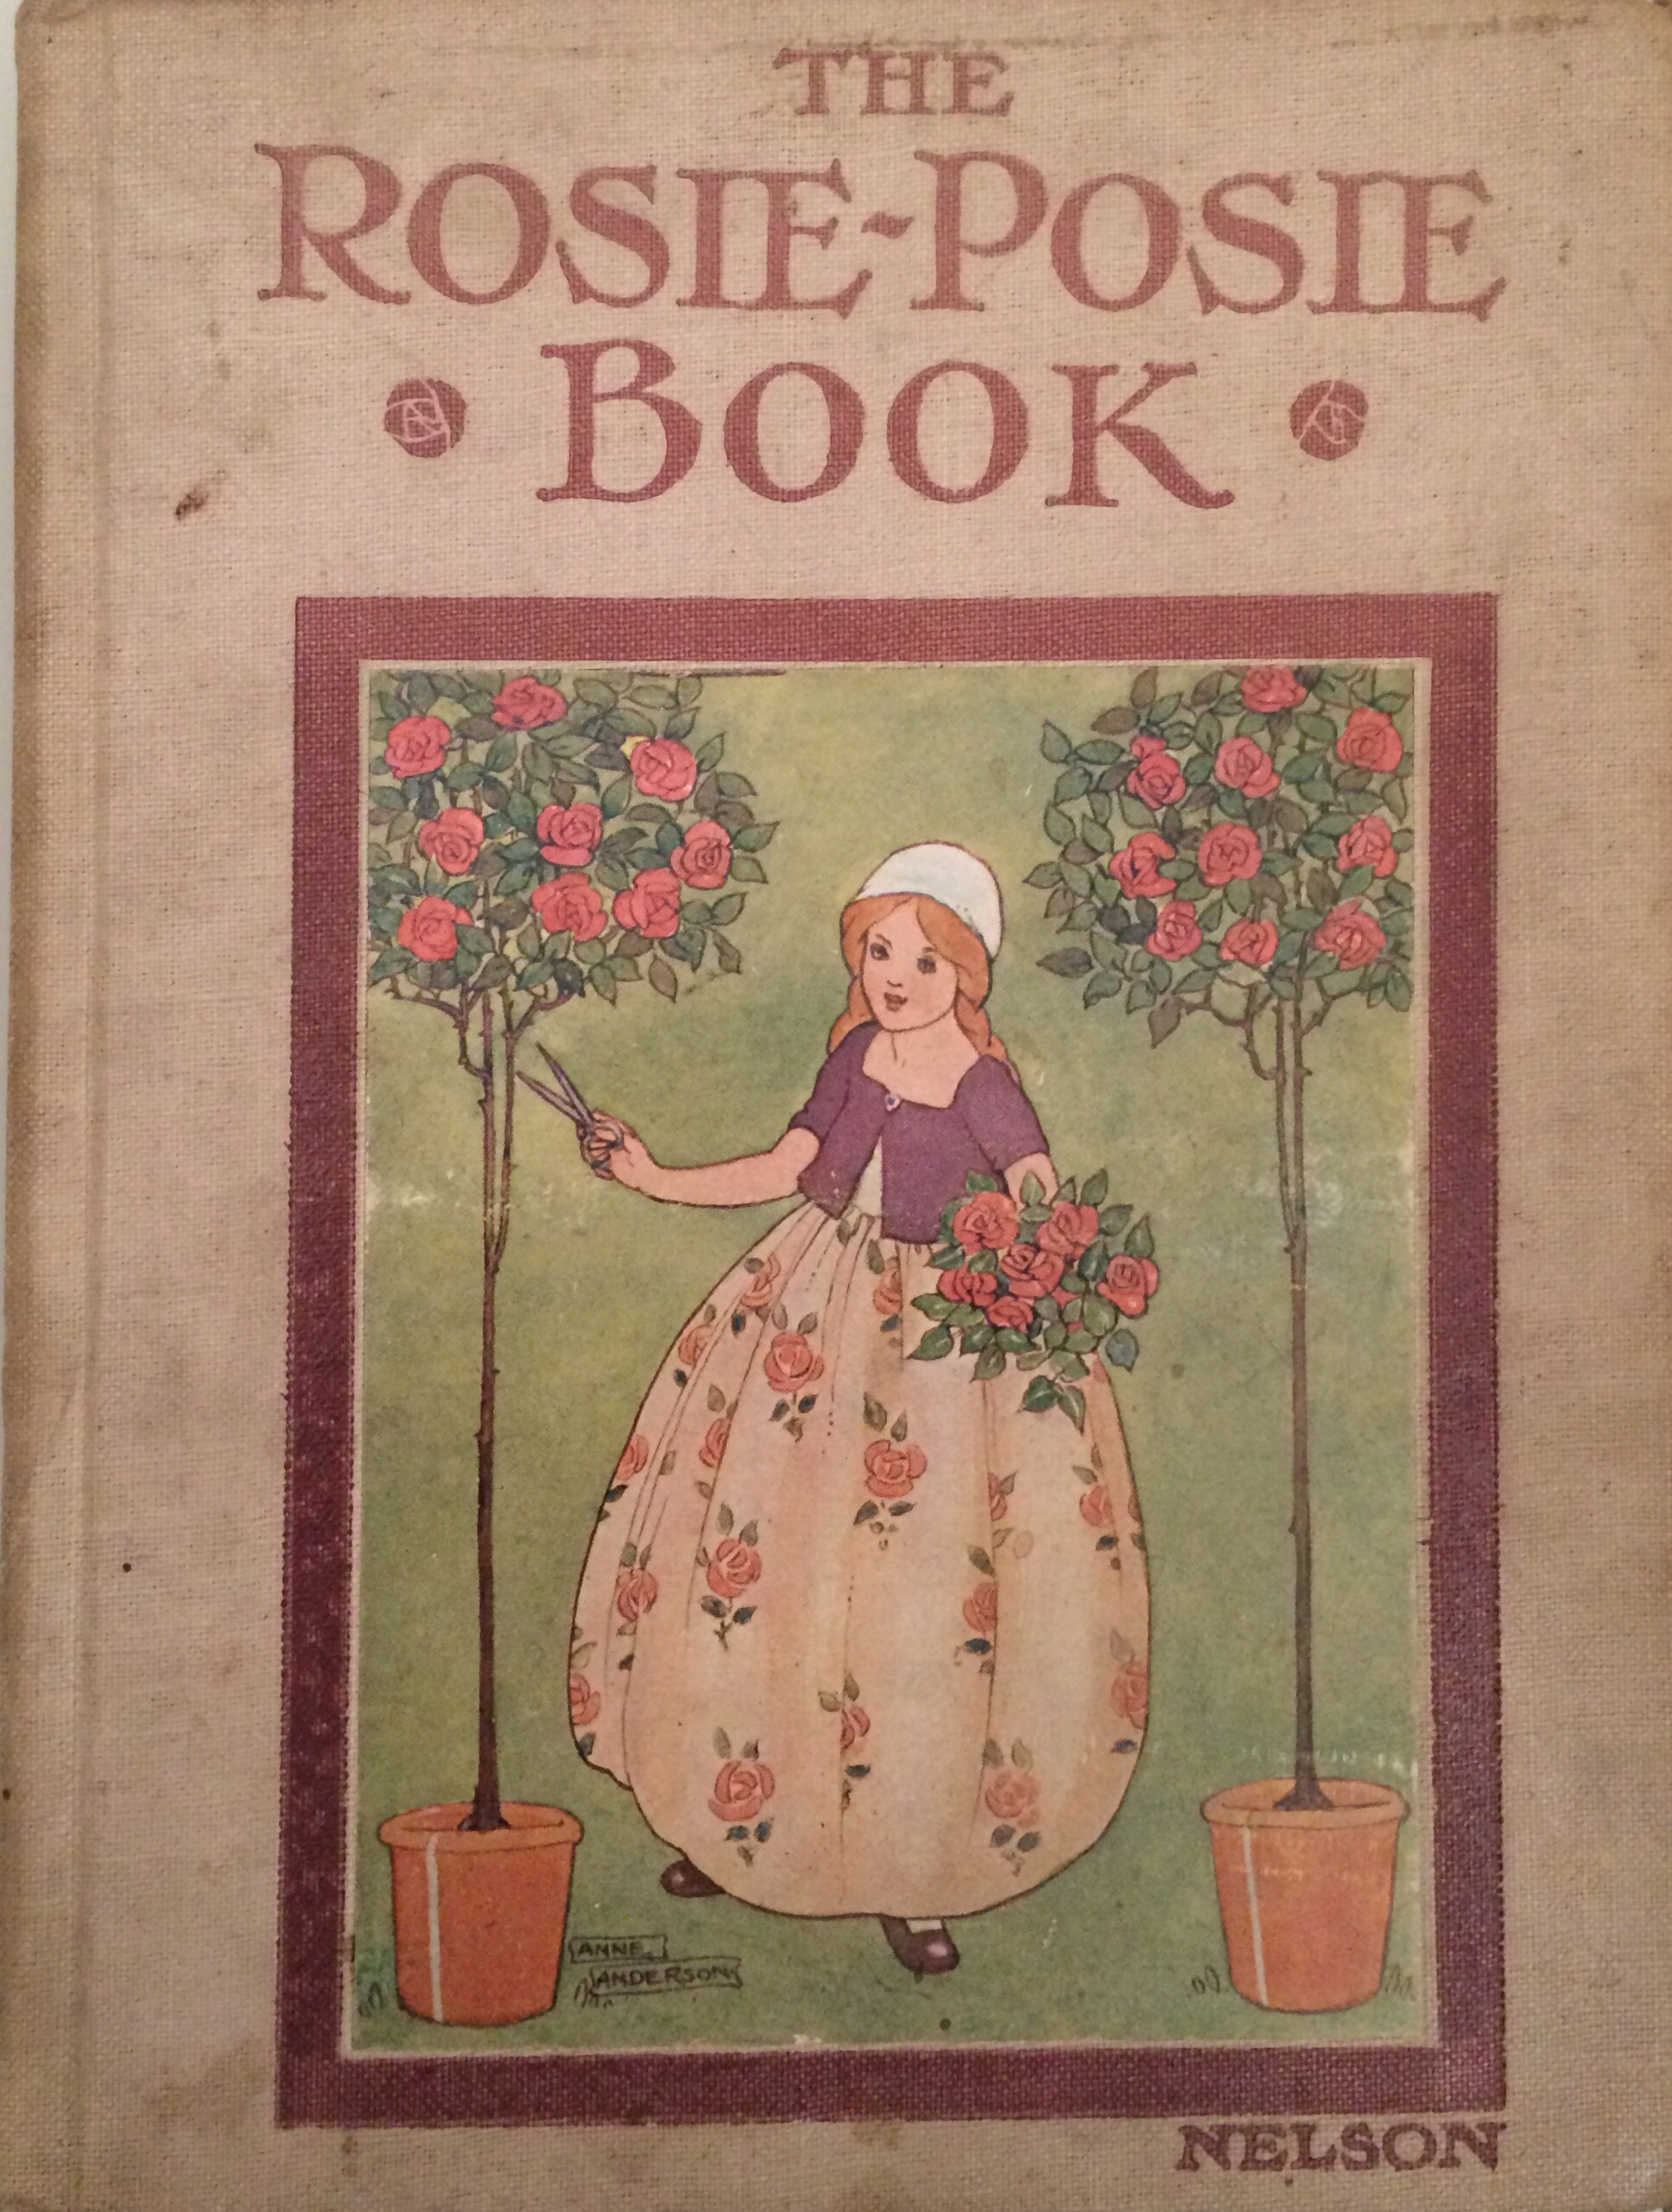 The Rosie-Posie Book